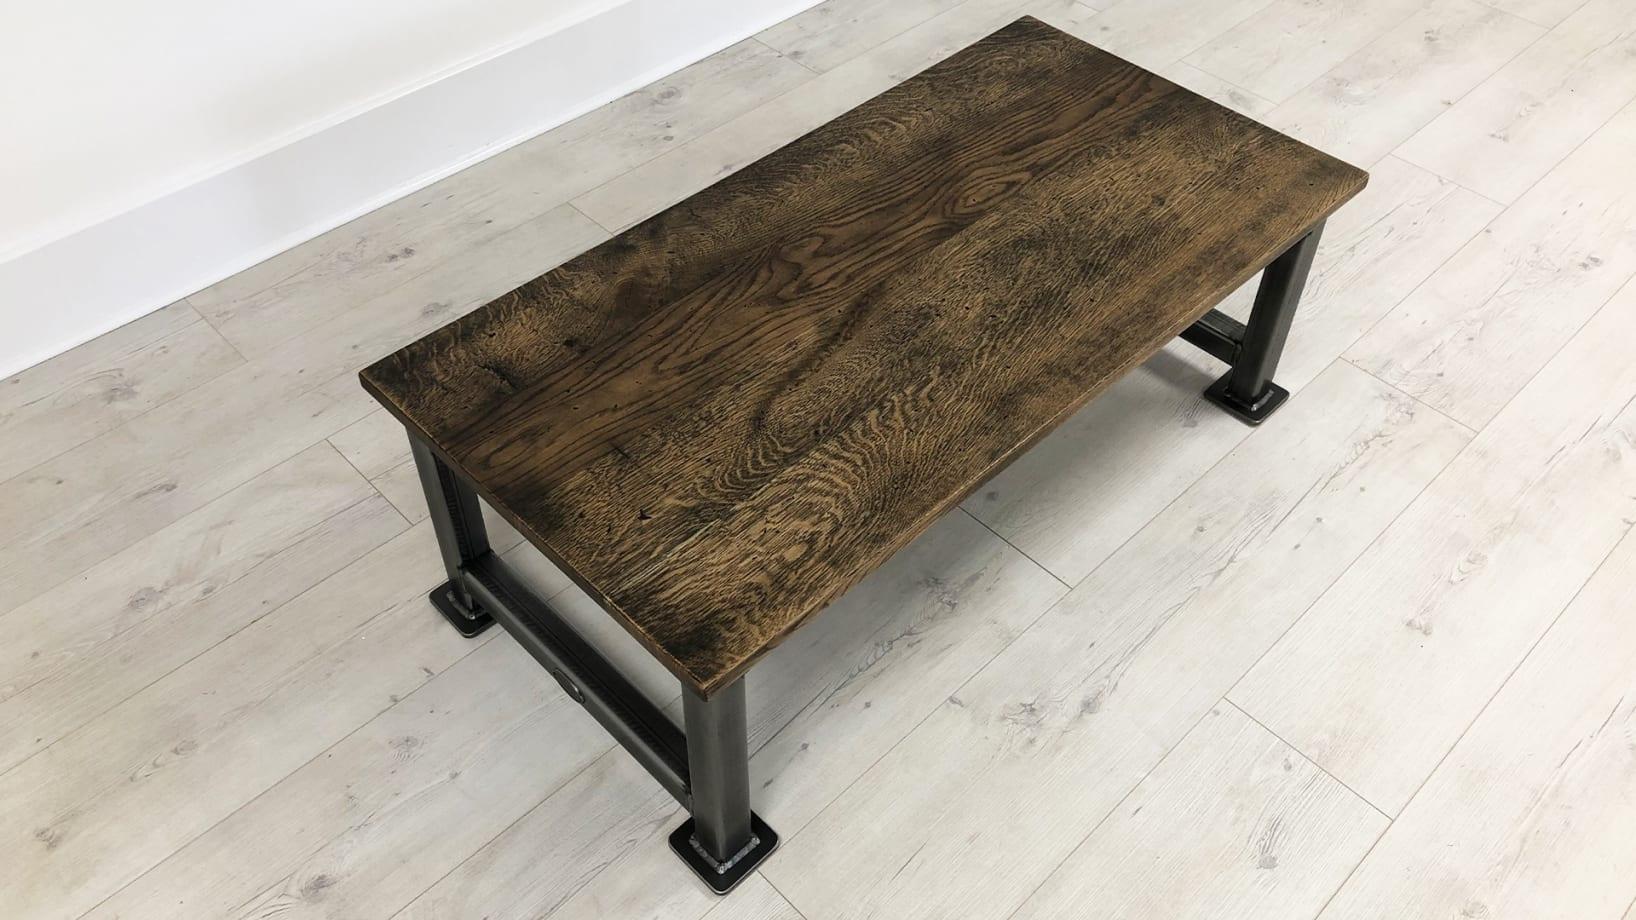 Steel Vintage artisan coffee table